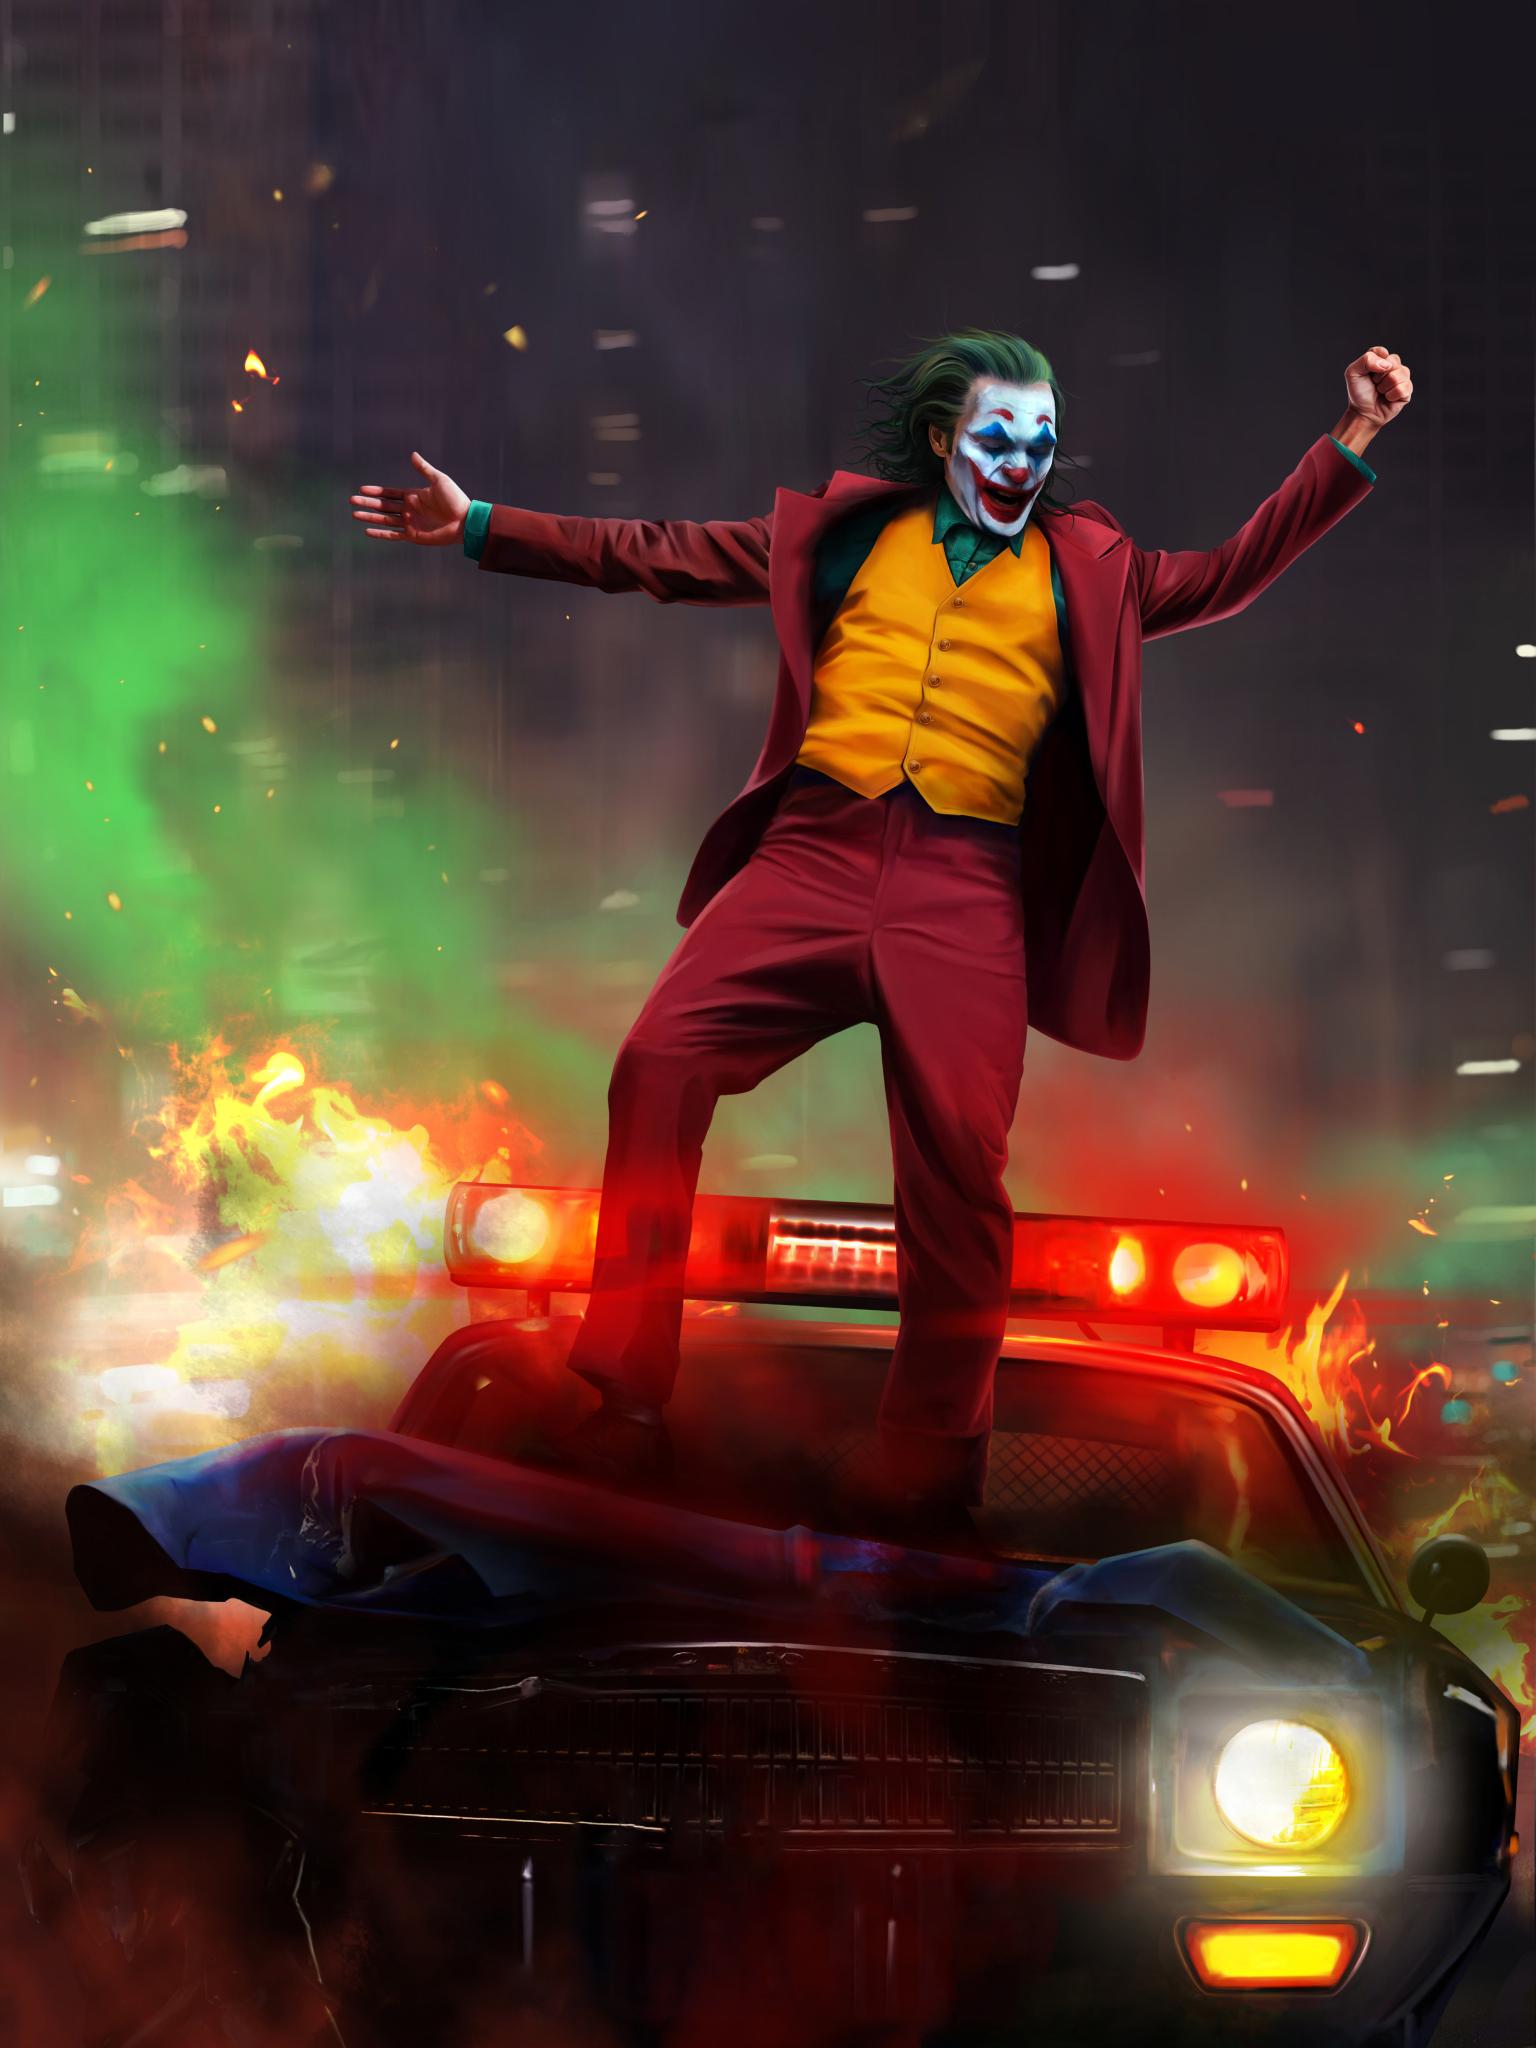 1536x2048 Joker 2019 Artwork 1536x2048 Resolution Wallpaper